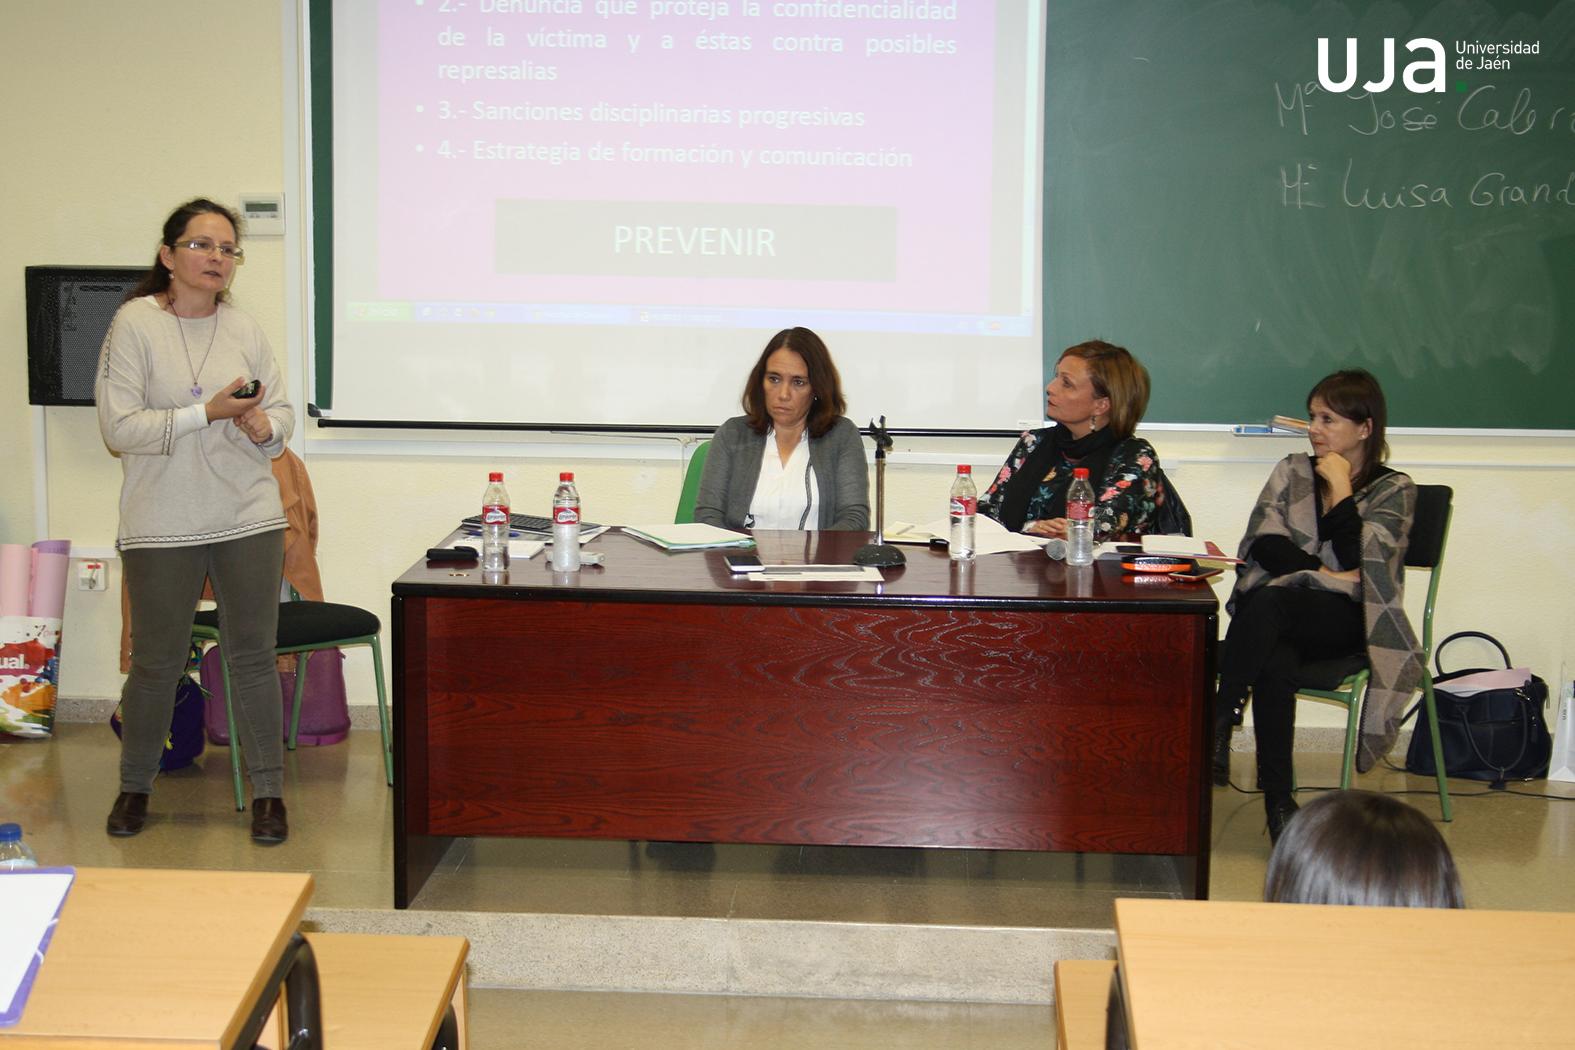 La Facultad de Ciencias de la Salud de la Universidad de Jaén ...